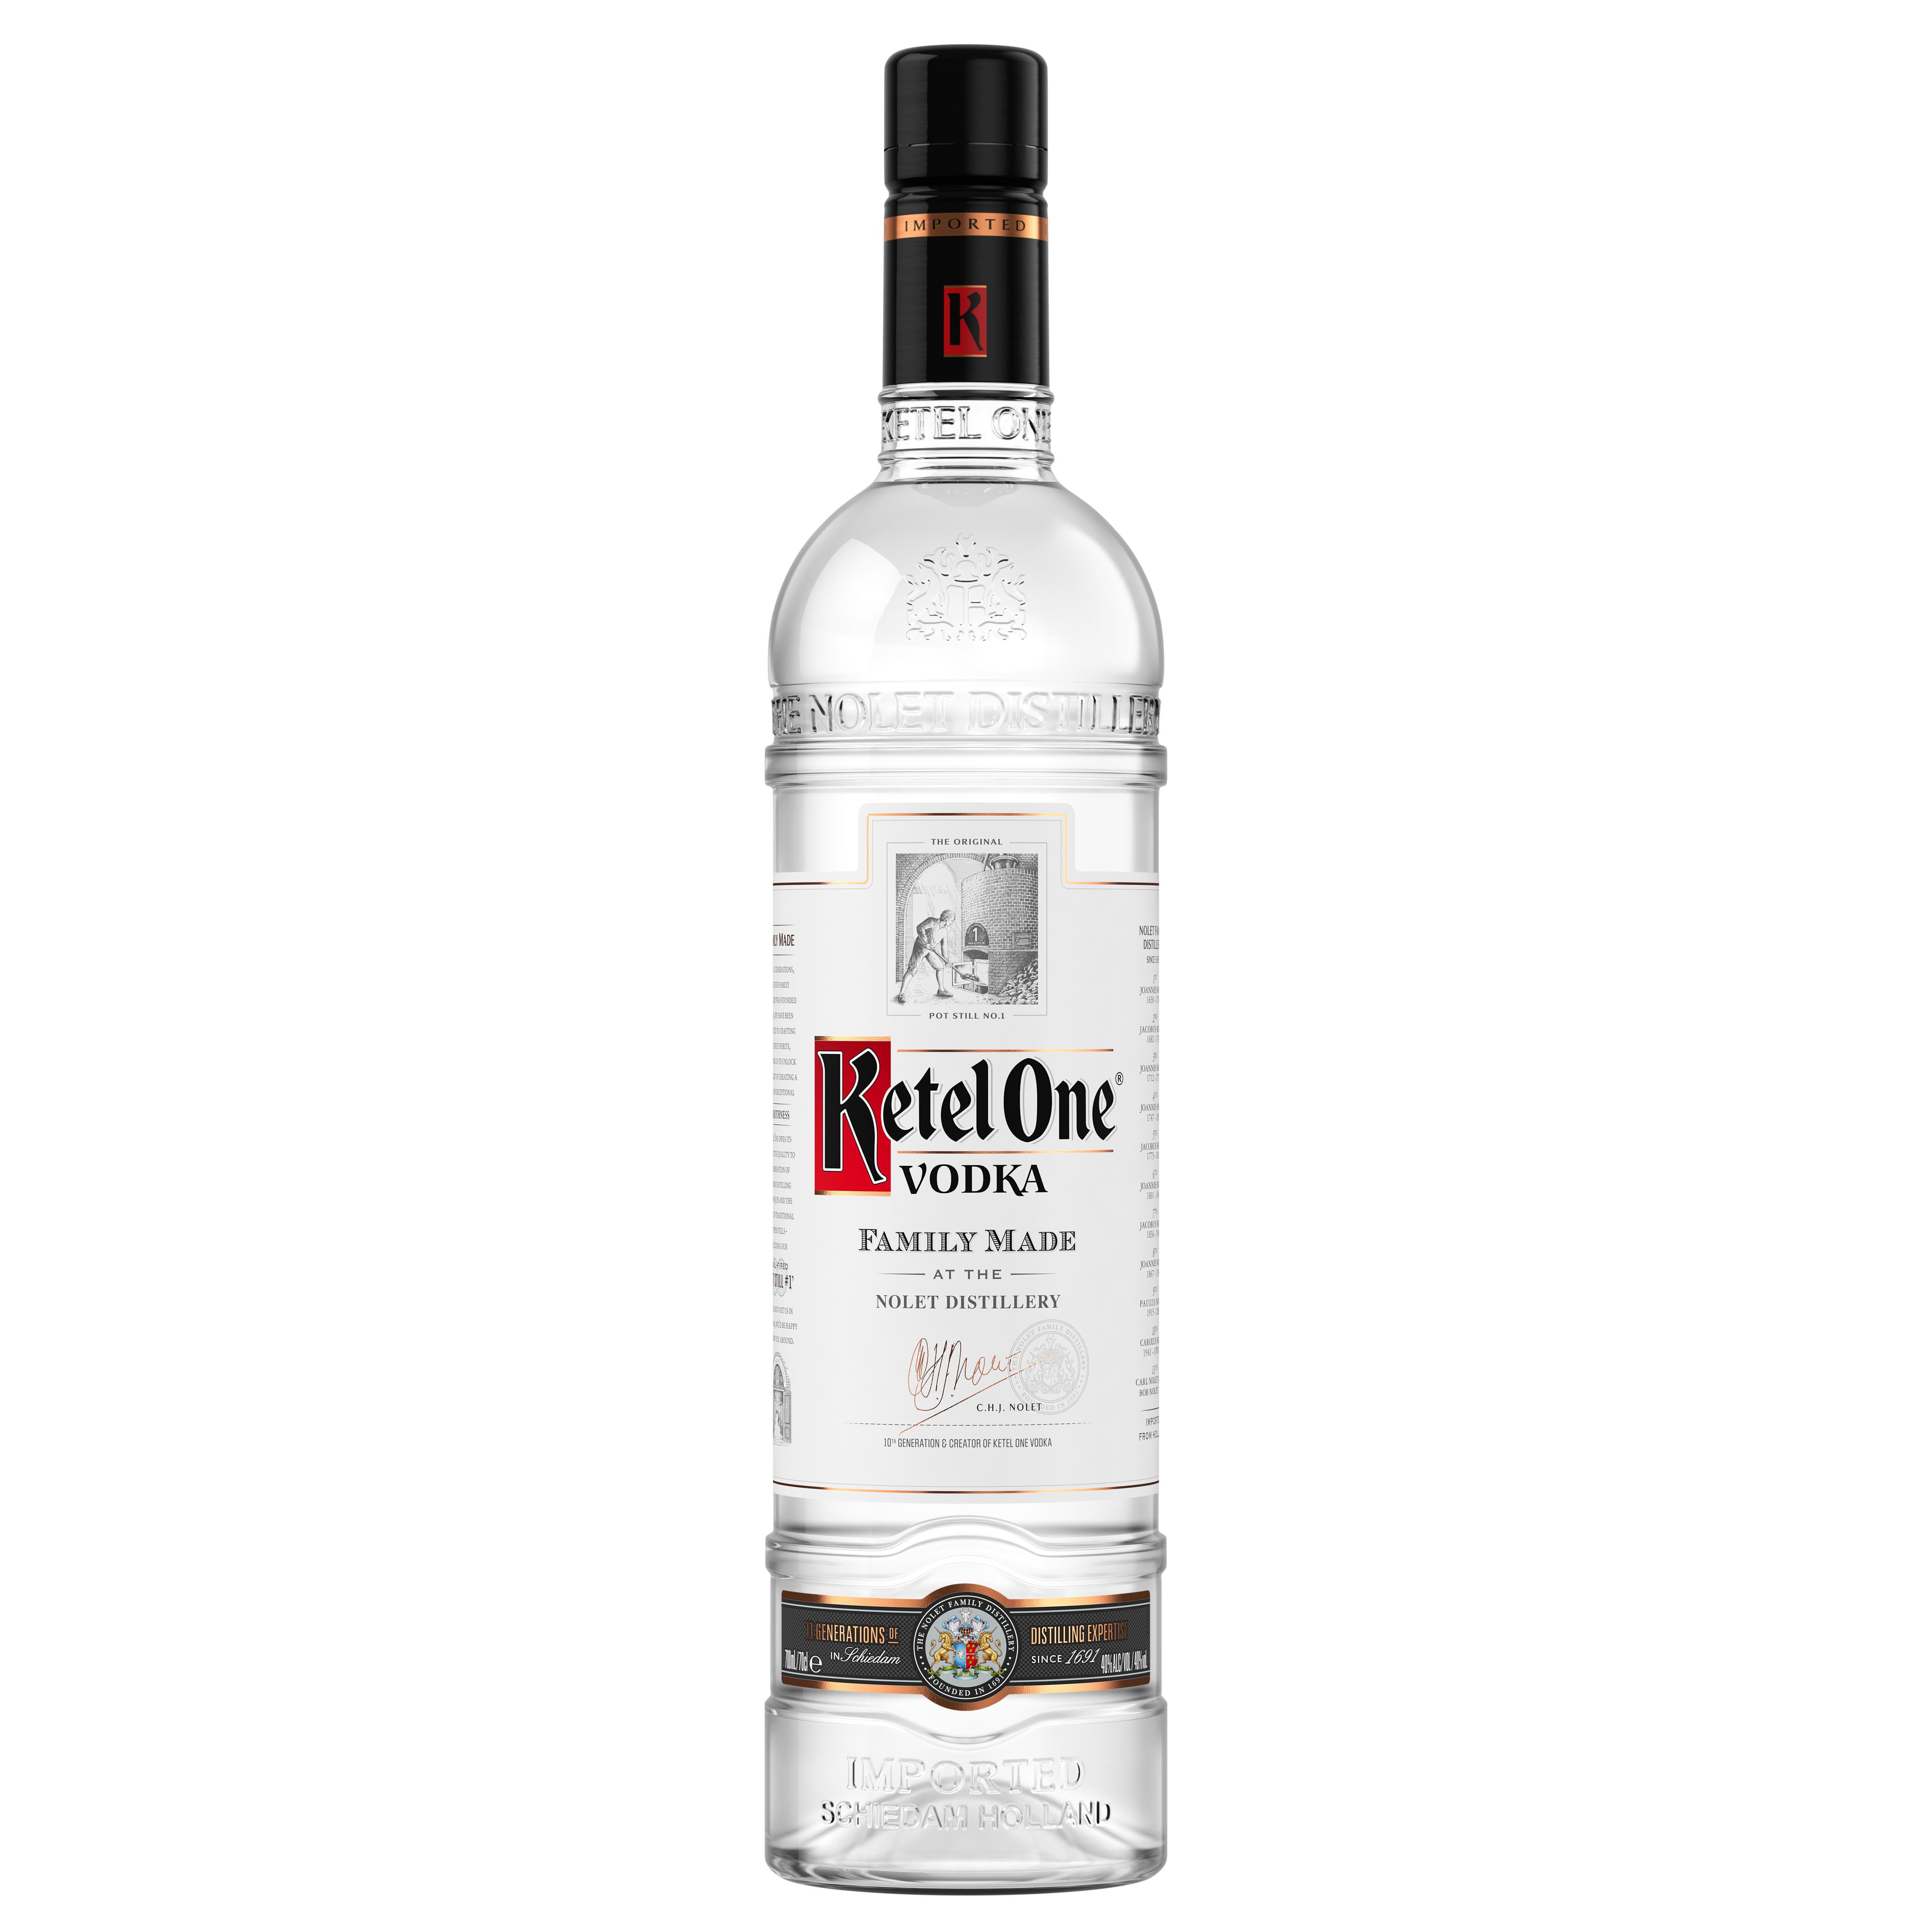 Vodka, Ketel One, 40% alc., 0,7L 0